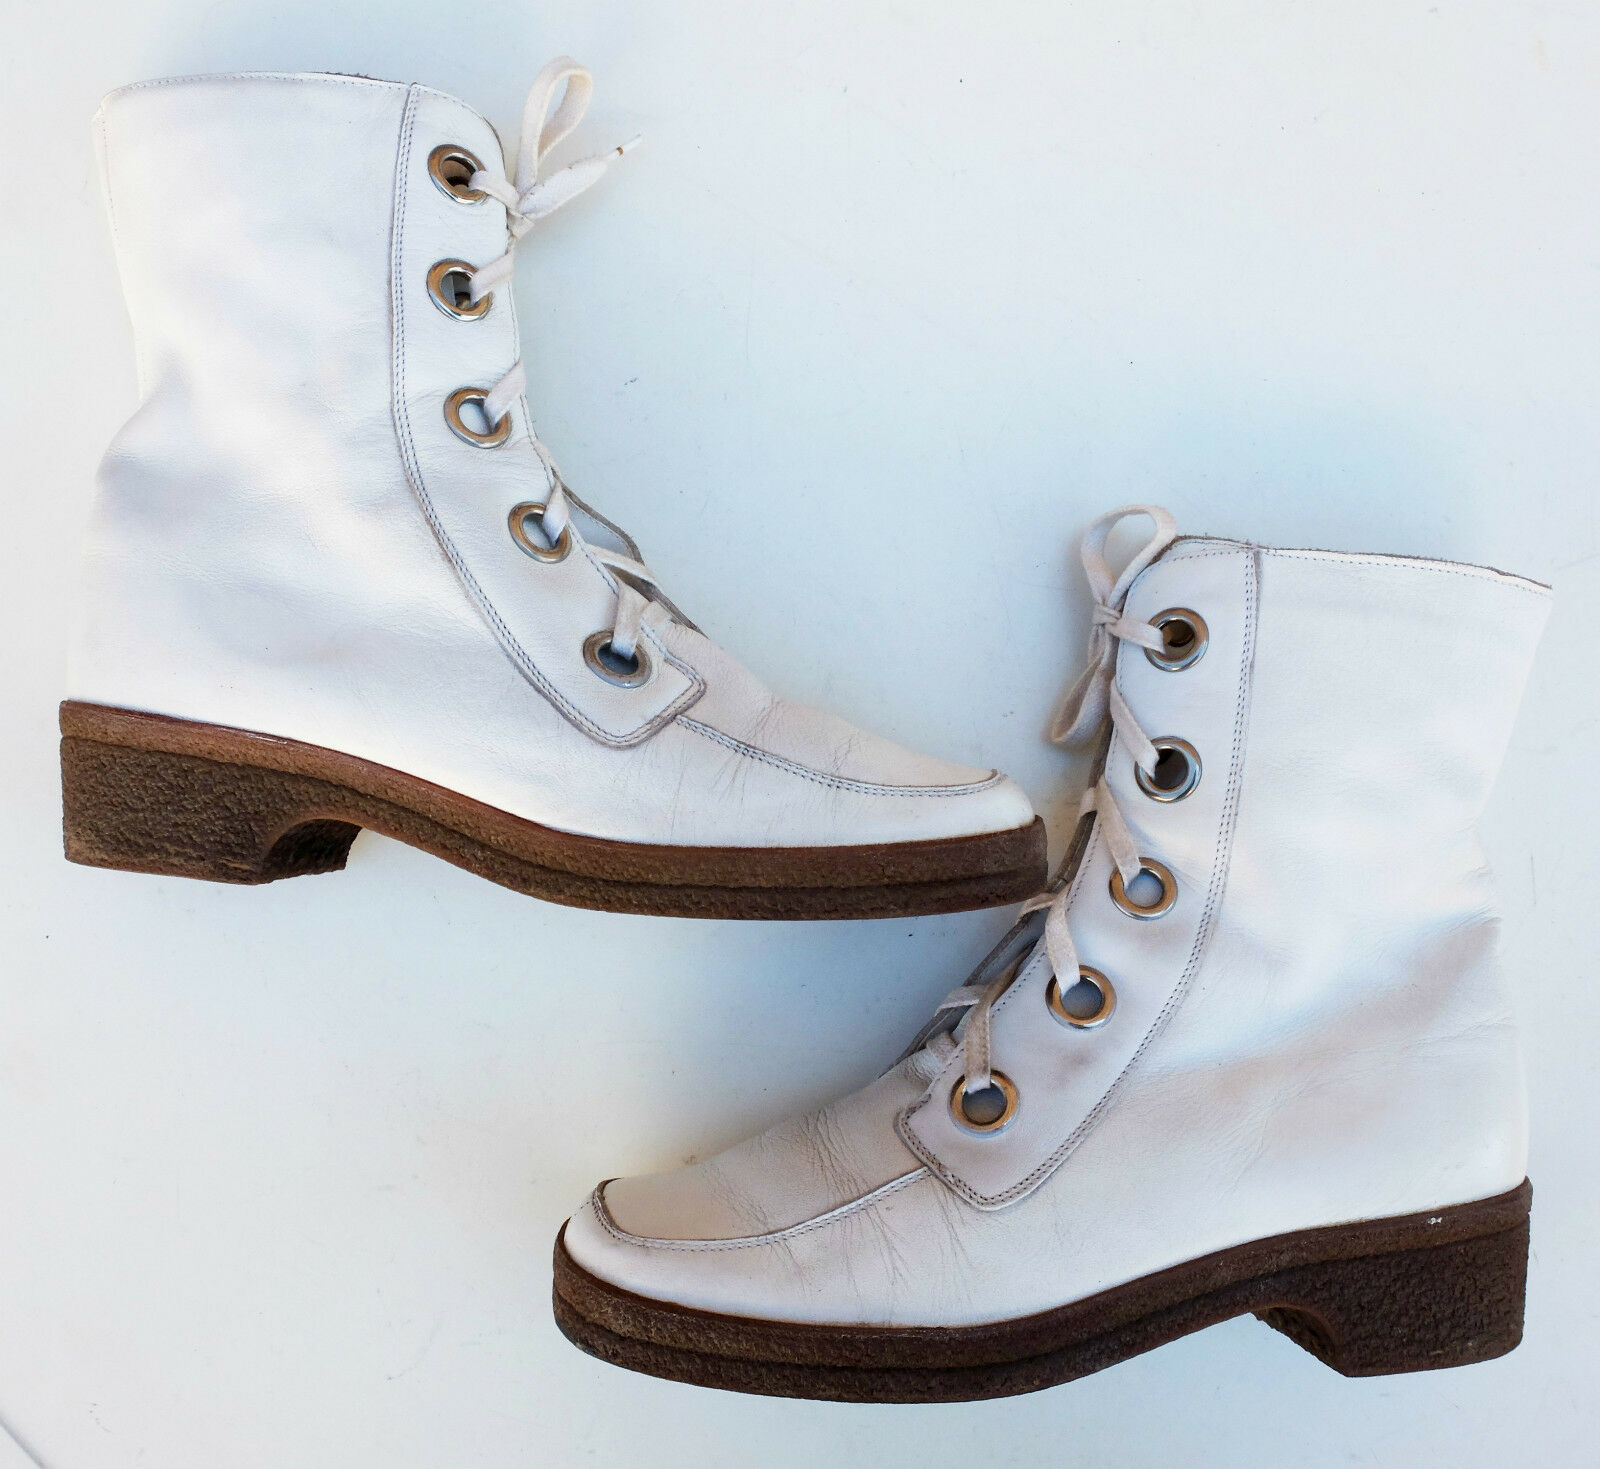 Délaçage femmes suede bottes d'hiver bottes uk 6,5 Cuir true vintage